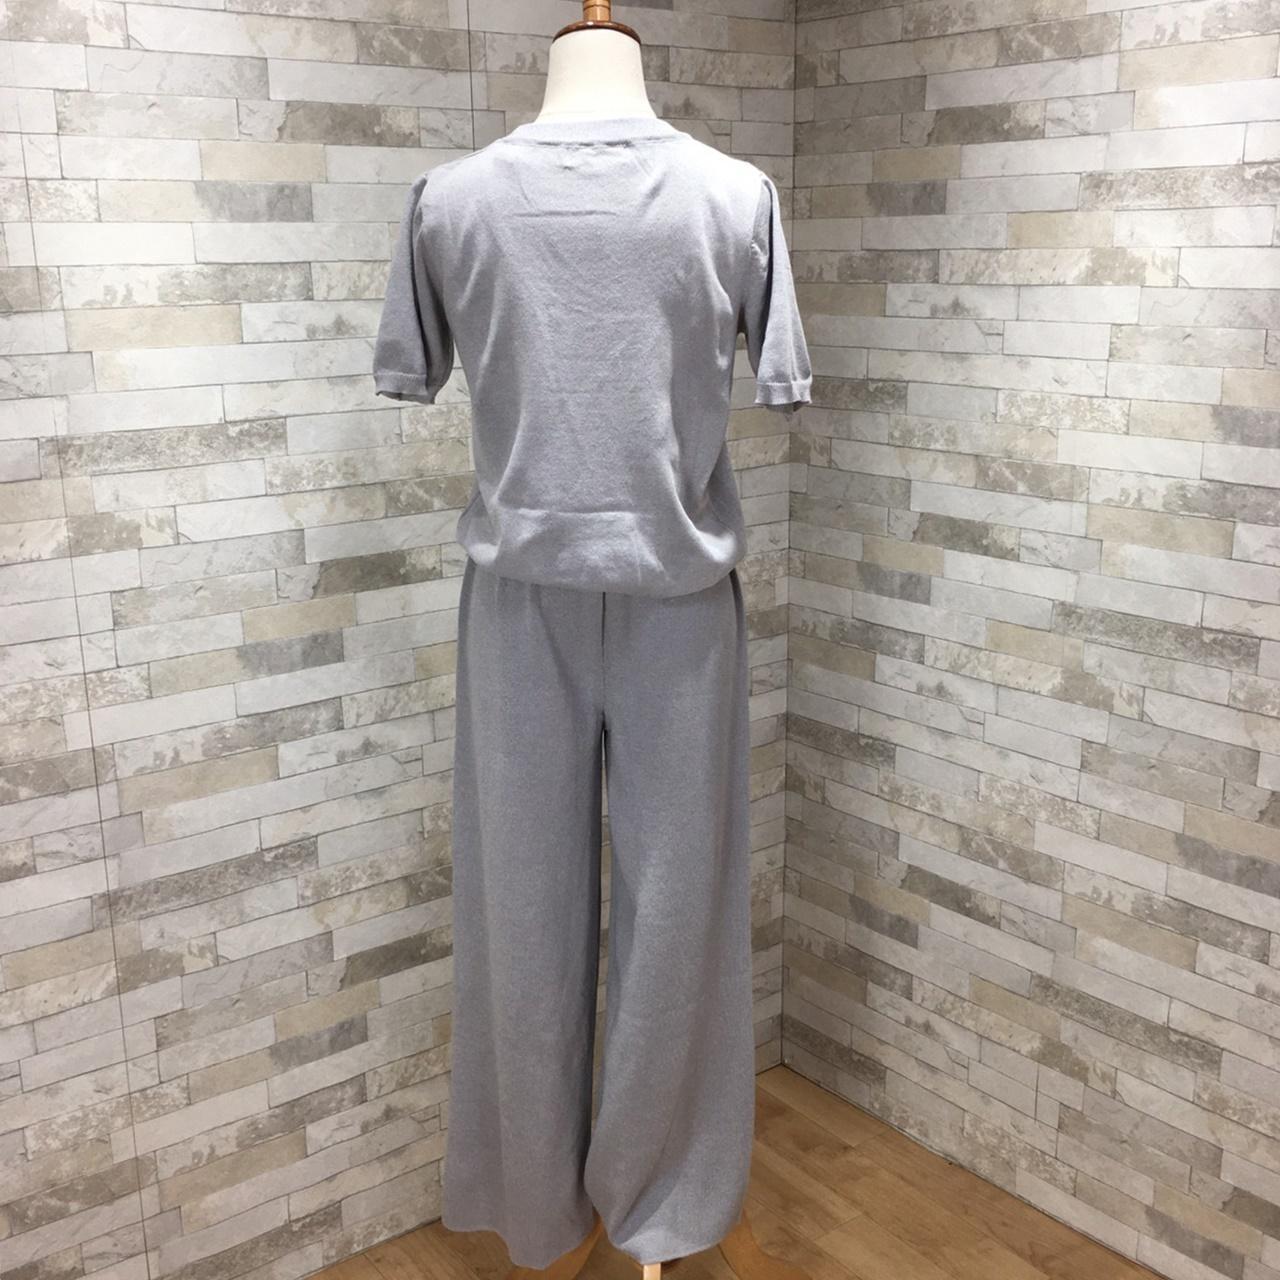 韓国 ファッション セットアップ 春 夏 秋 カジュアル PTXI116  光沢 ラフ リブニット ワイドストレートパンツ オルチャン シンプル 定番 セレカジの写真13枚目